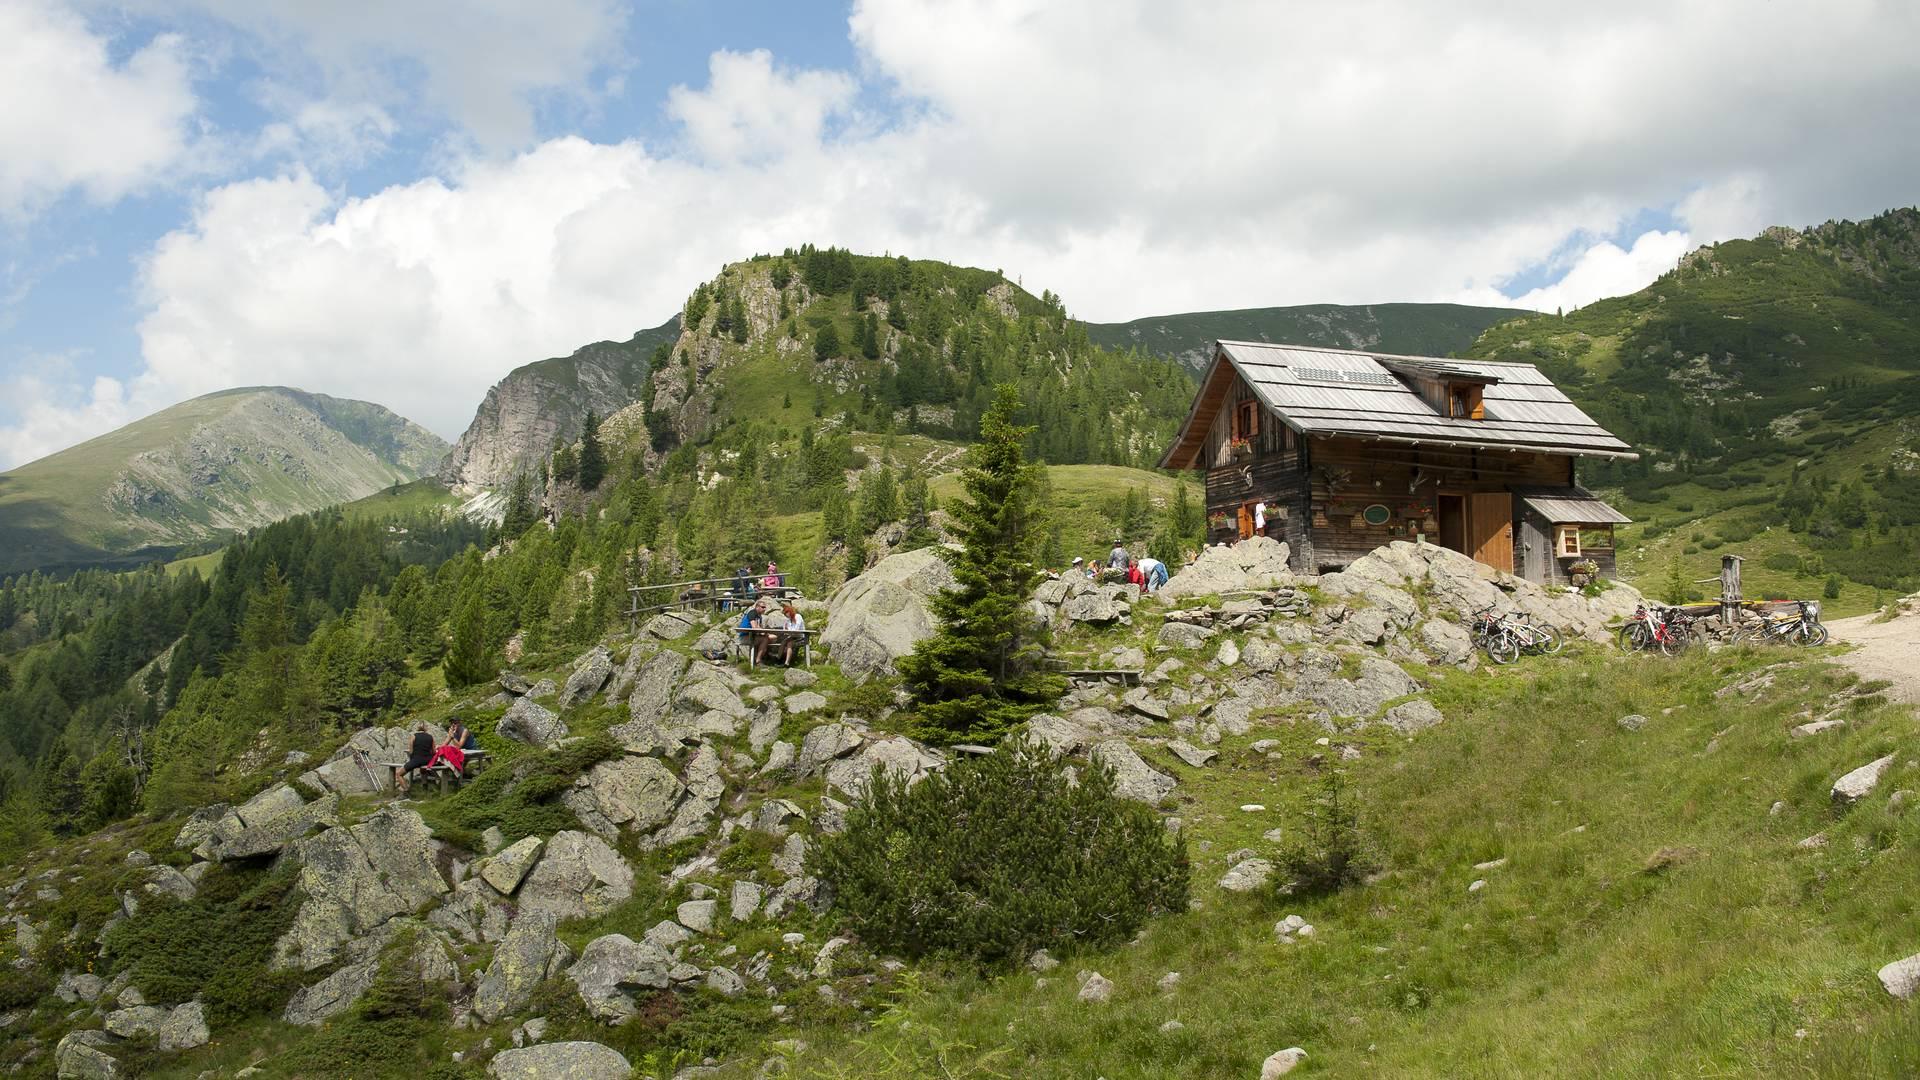 Naturerlebnis Kärnten Bad Kleinkirchheim Sommer 2012